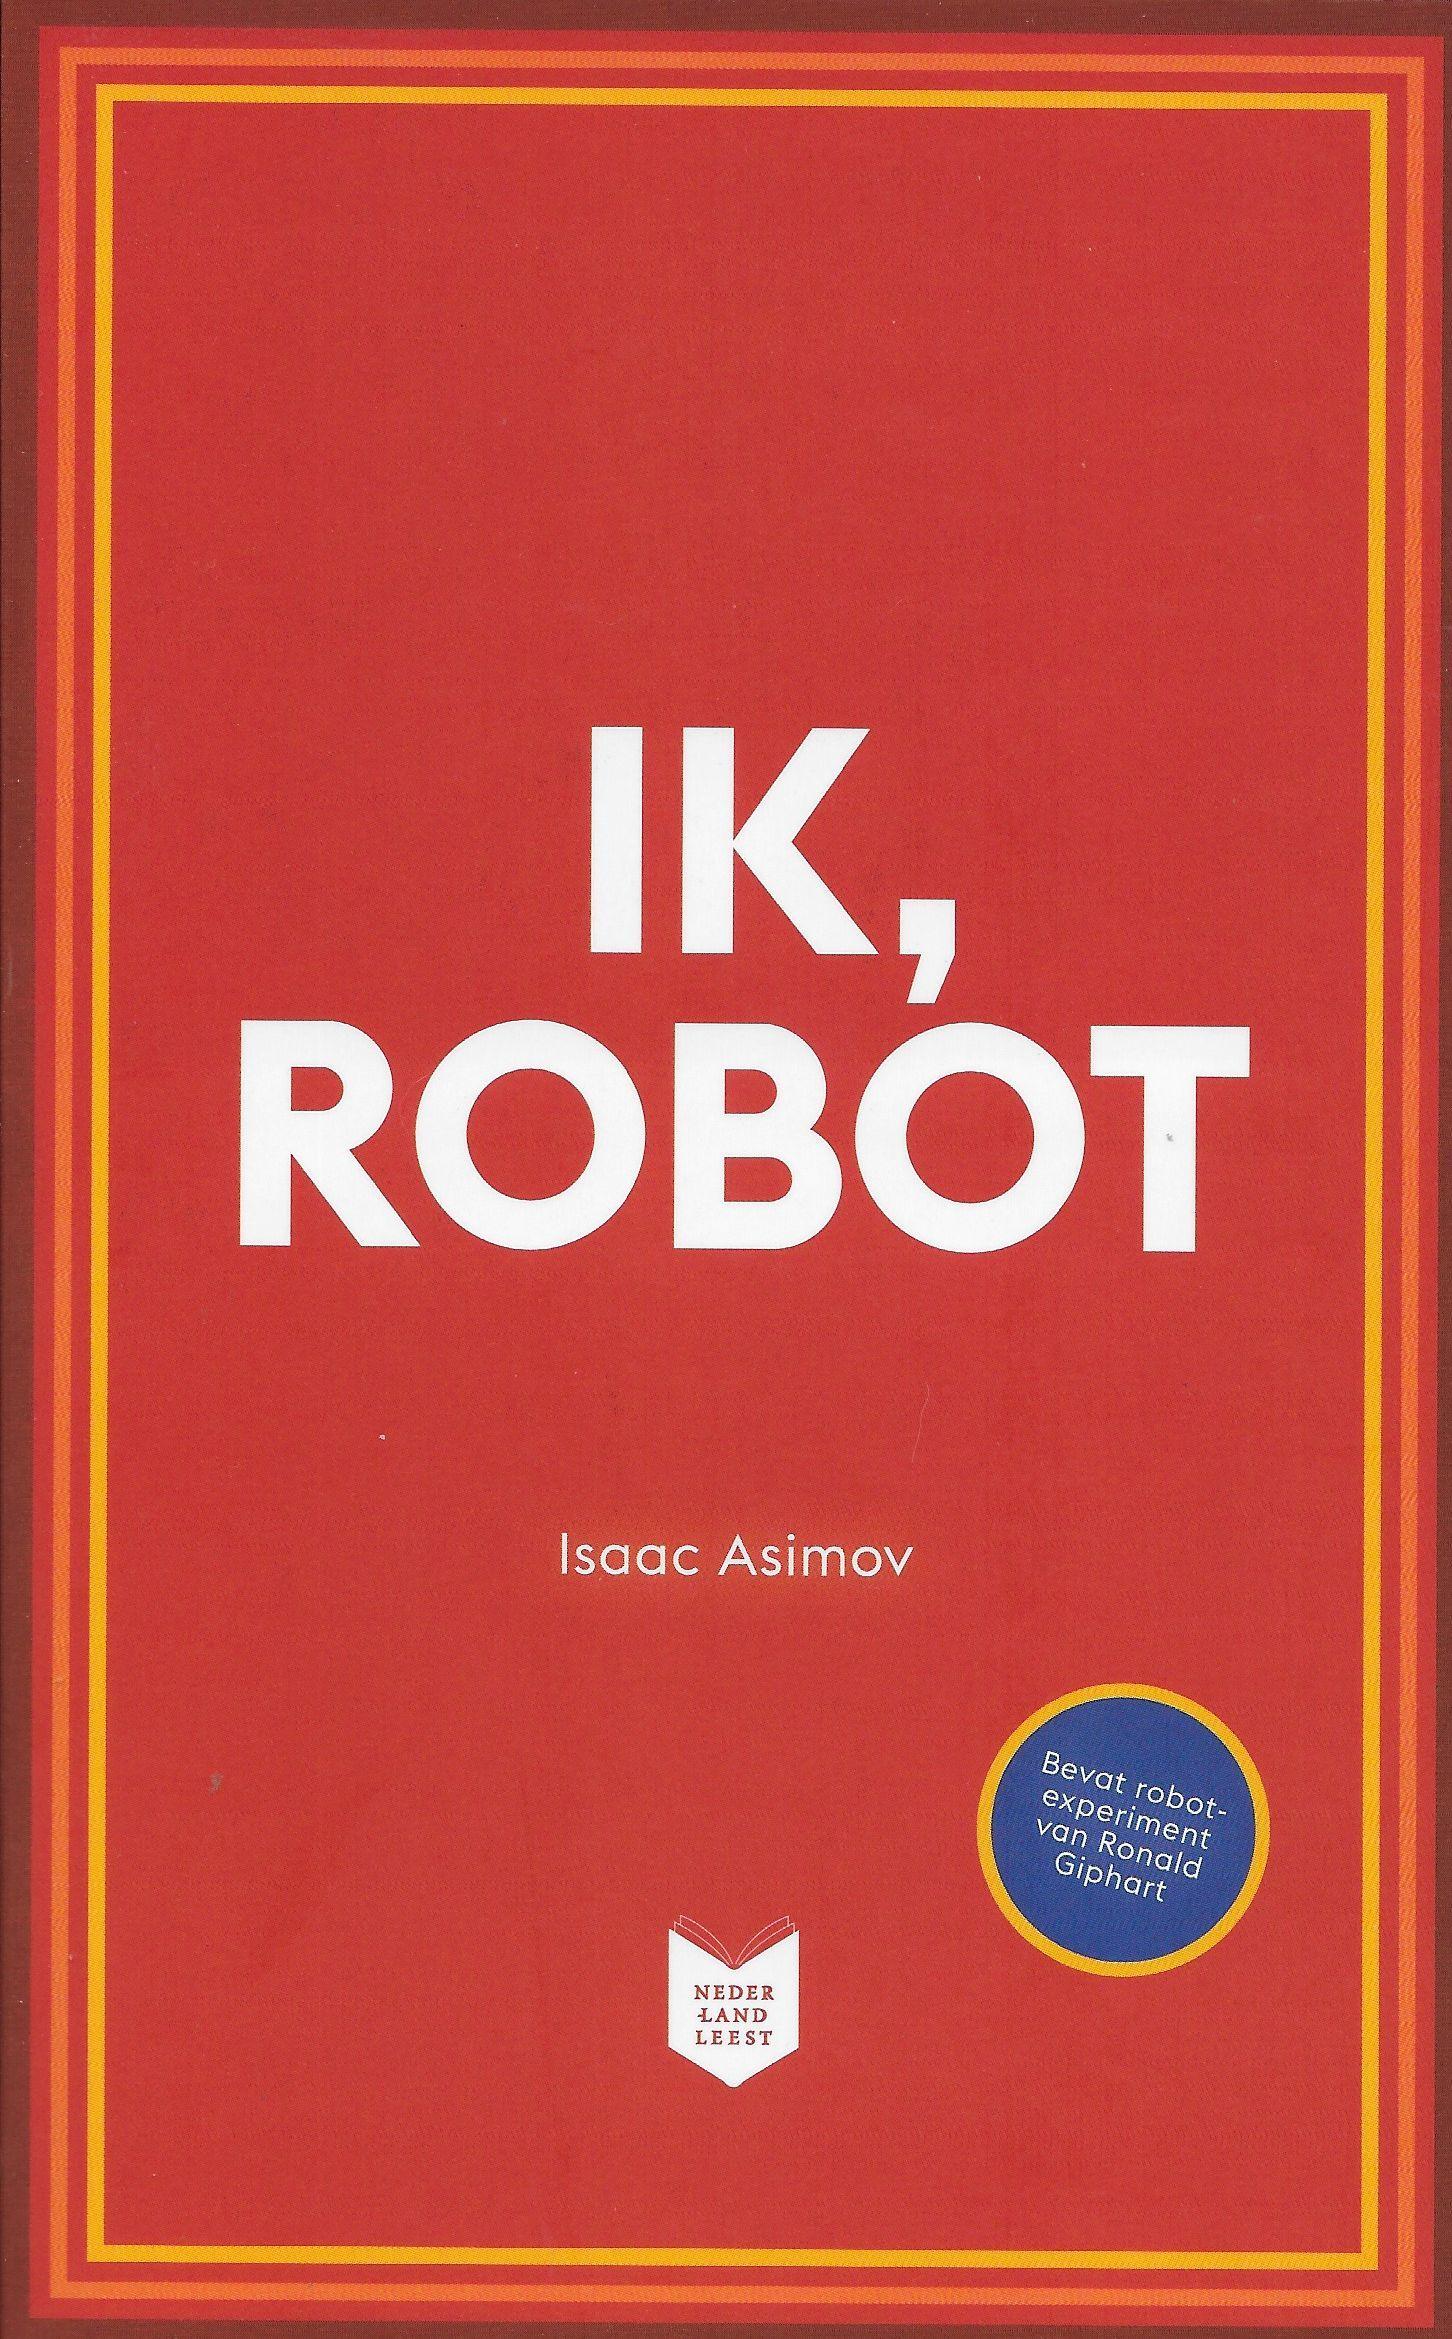 Ik, robot